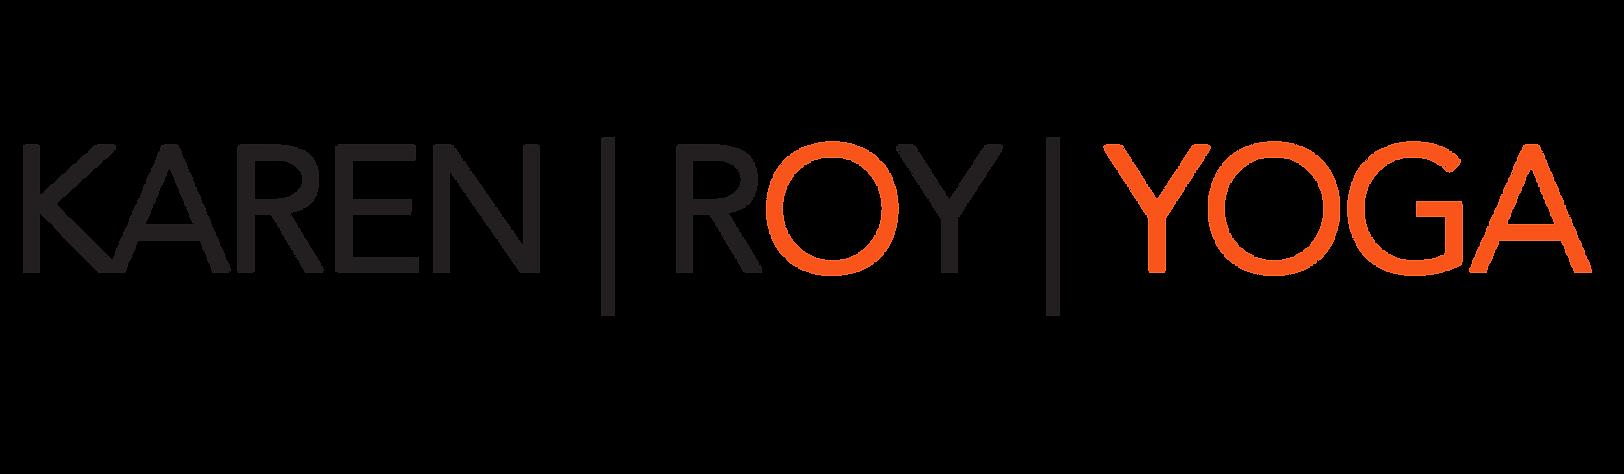 KAREN | ROY | YOGA LOGO BLACK.png